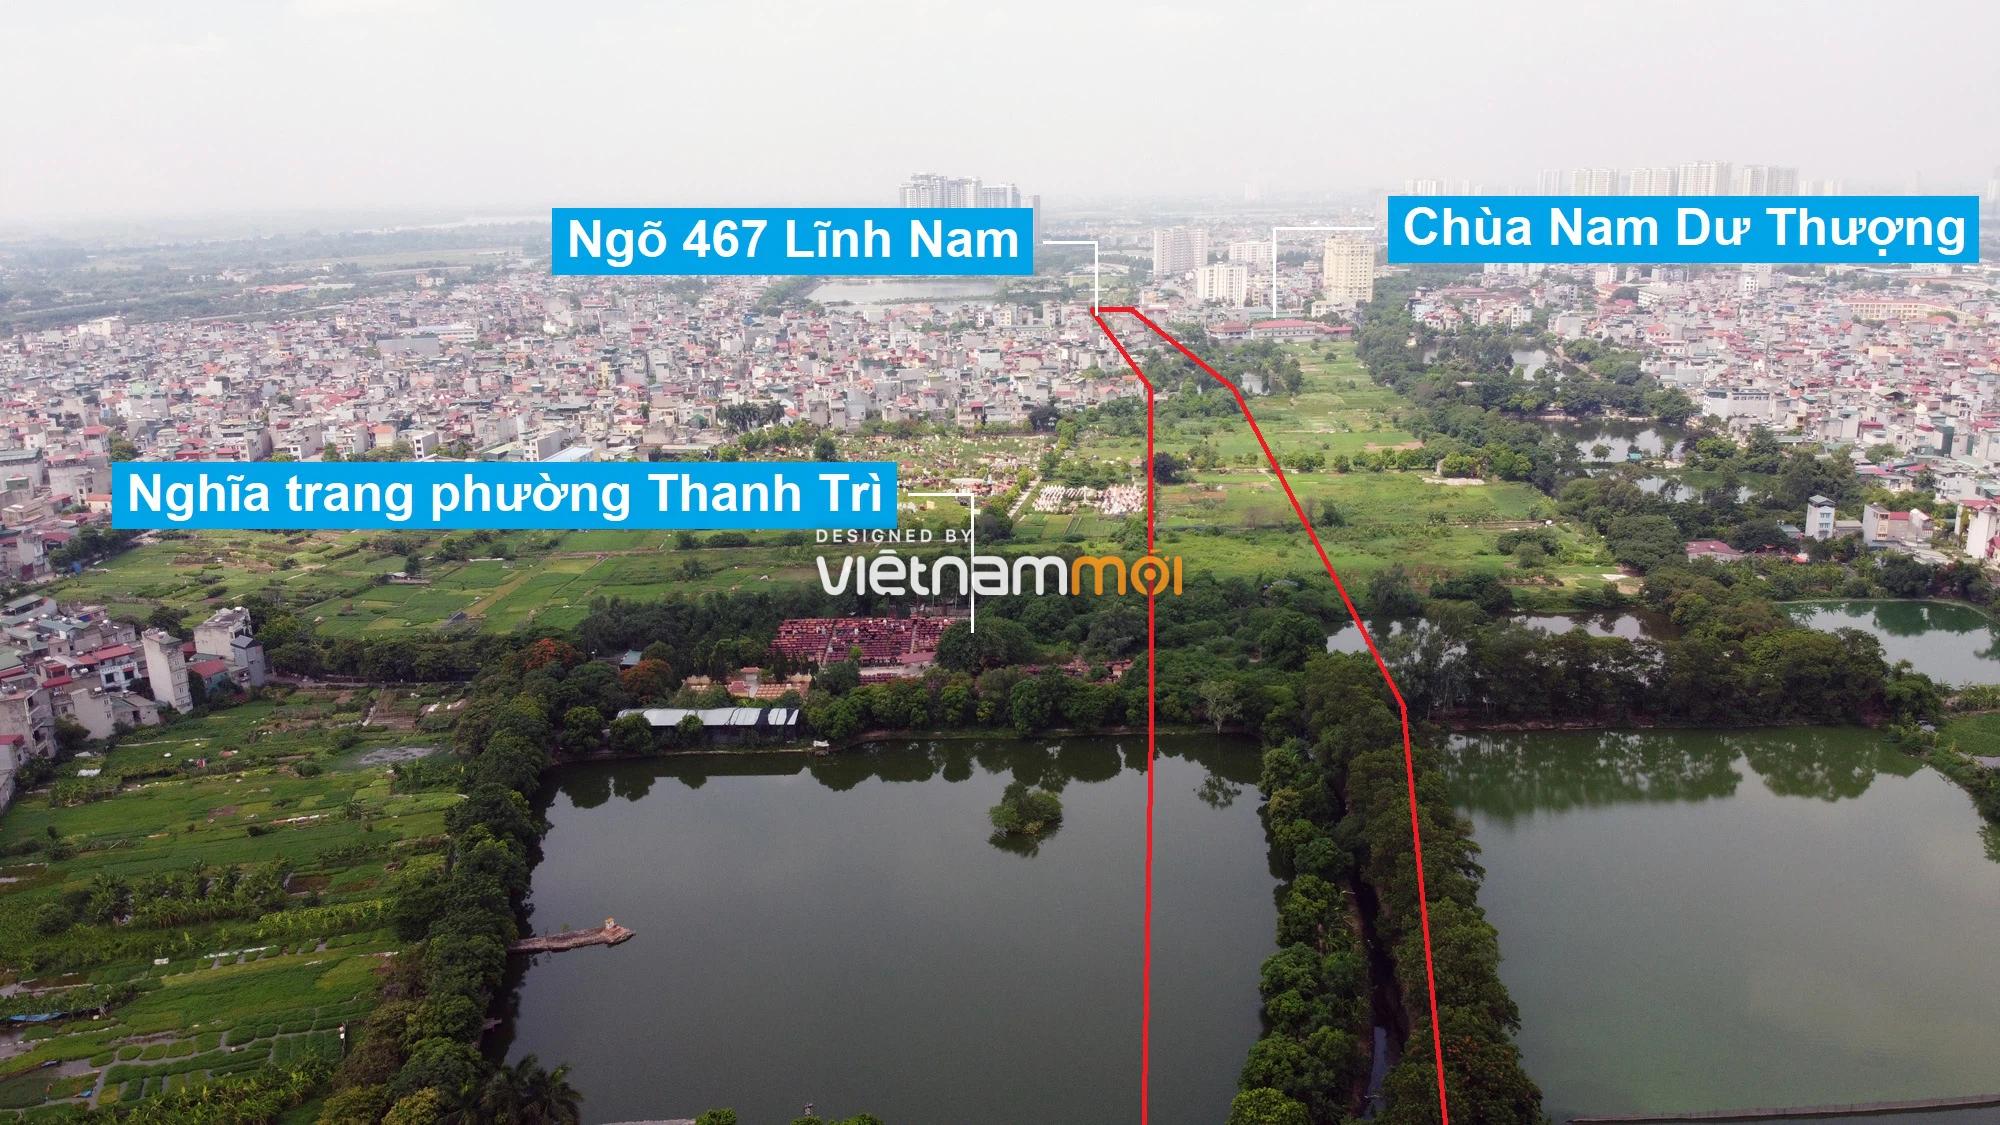 Những khu đất sắp thu hồi để mở đường ở quận Hoàng Mai, Hà Nội (phần 1) - Ảnh 5.